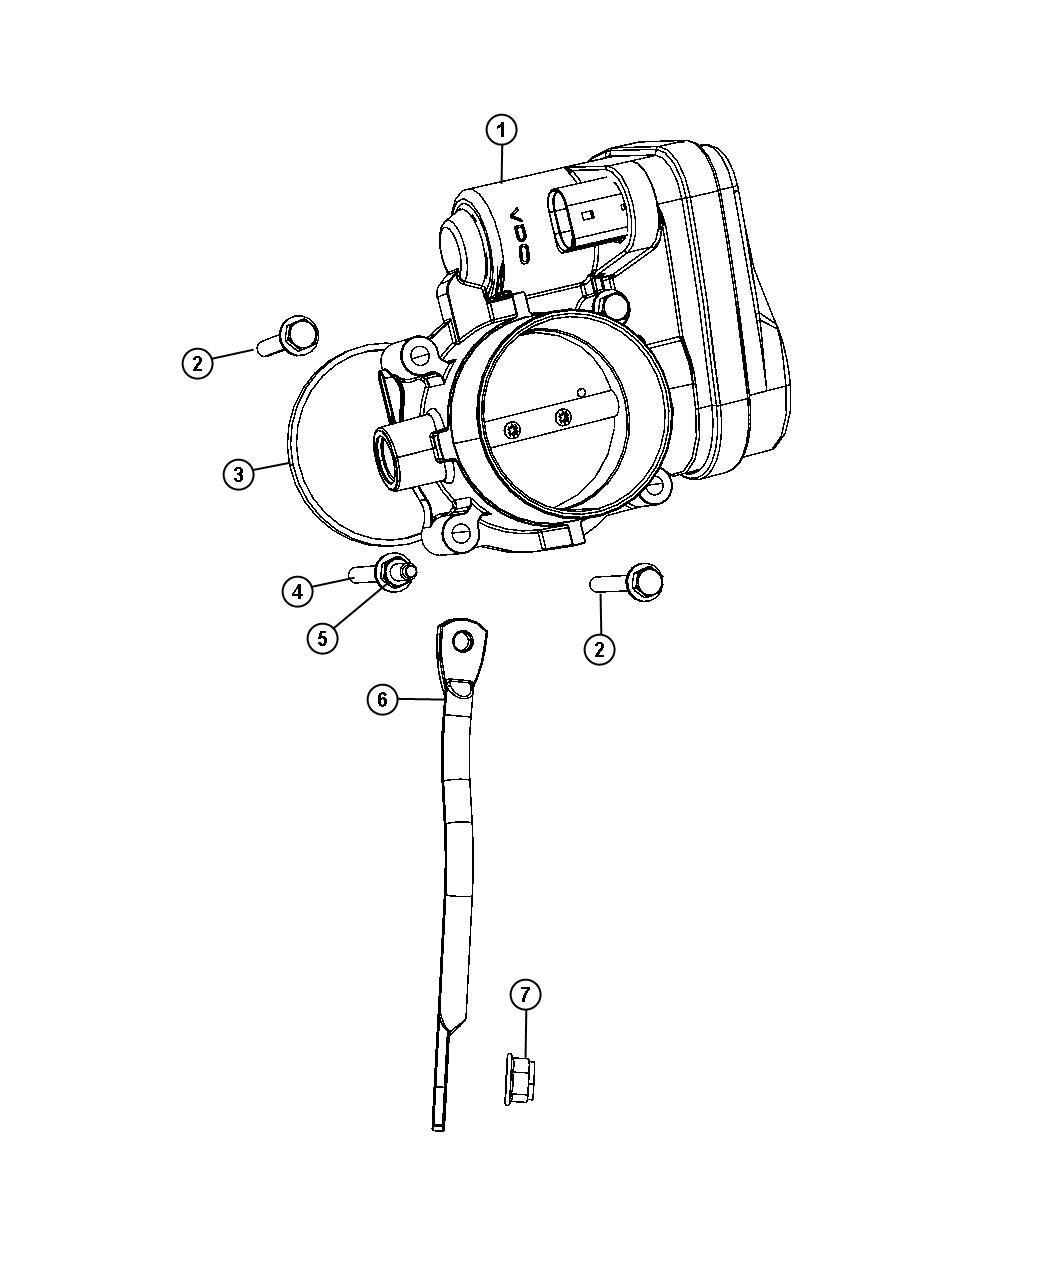 Sebring Throttle Body